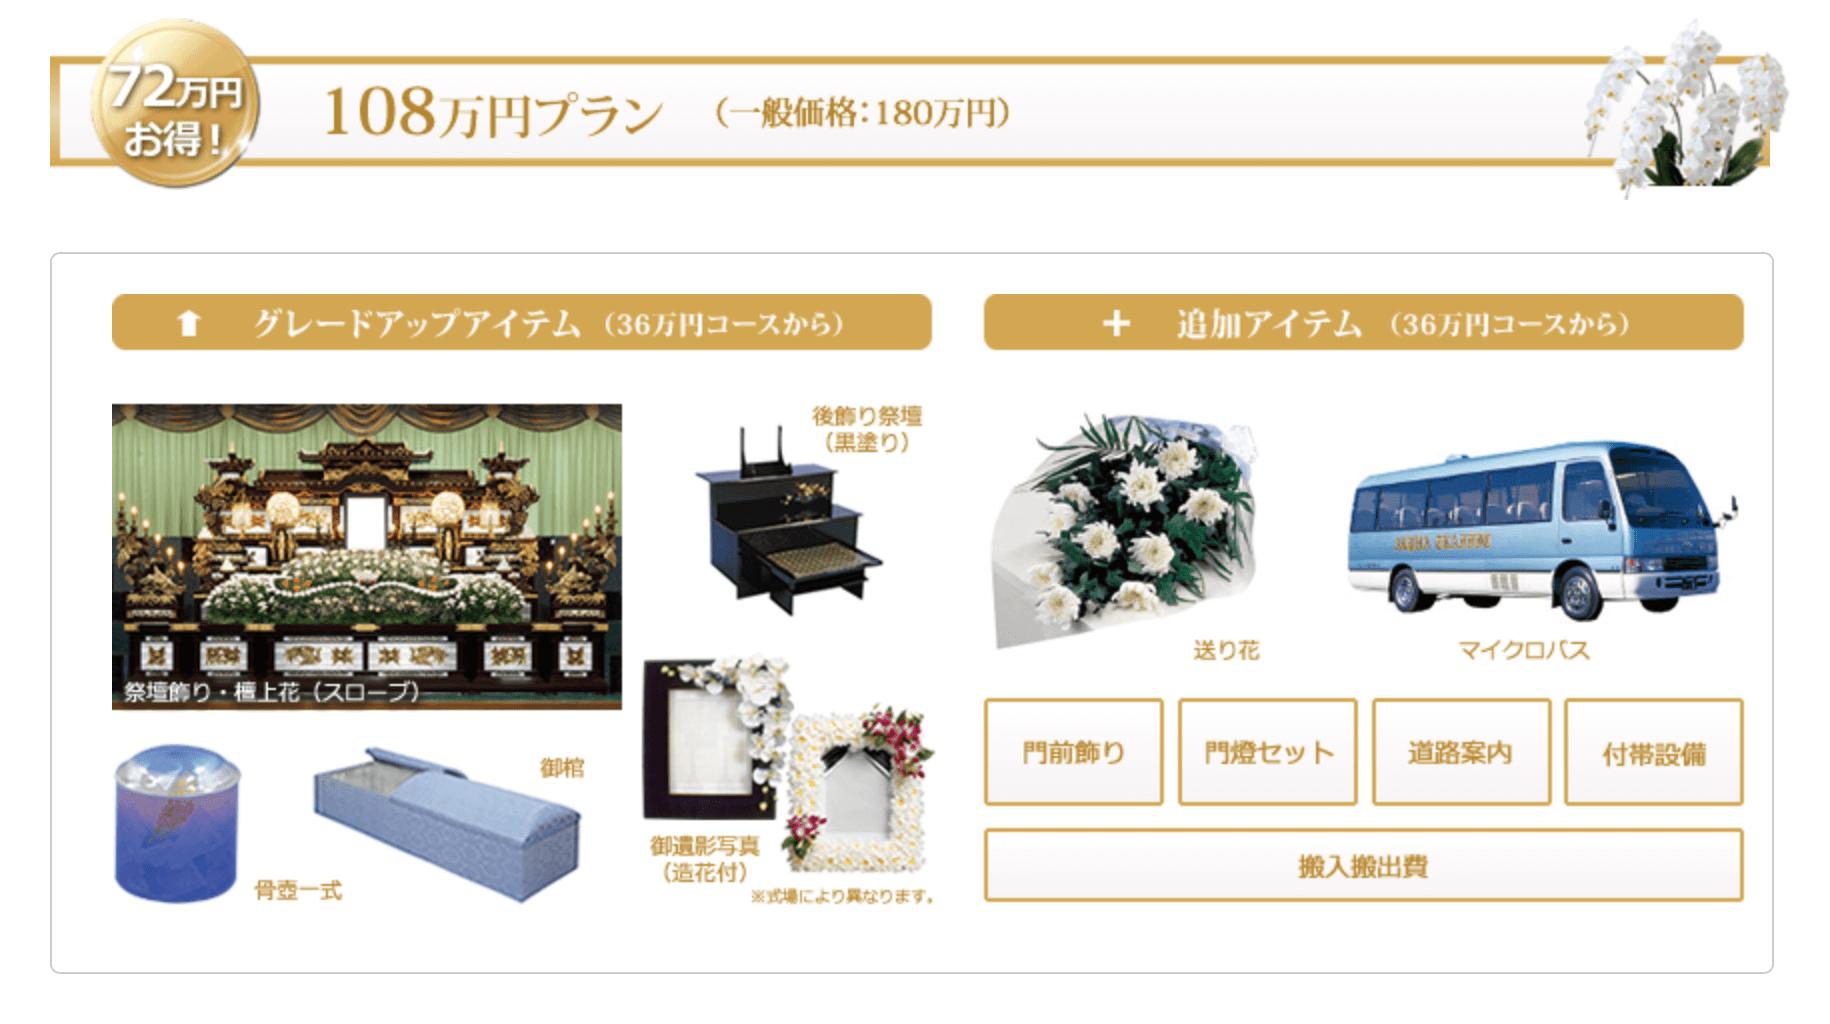 108万円プラン